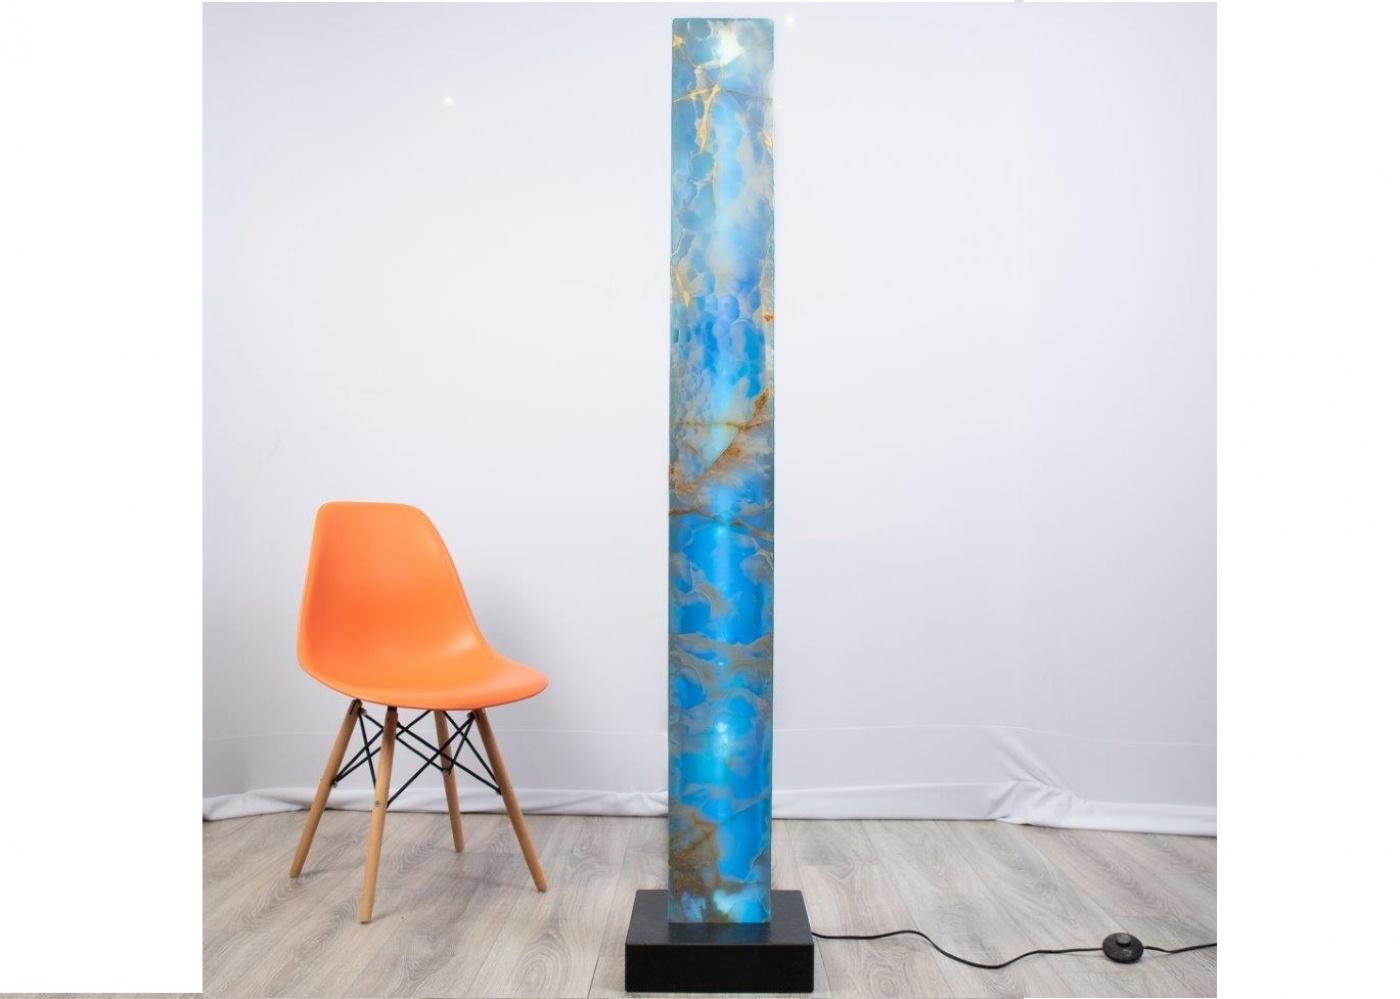 Lampe en onyx bleu gold rétroéclairé Barre lumineuse de 180cm sur socle granit